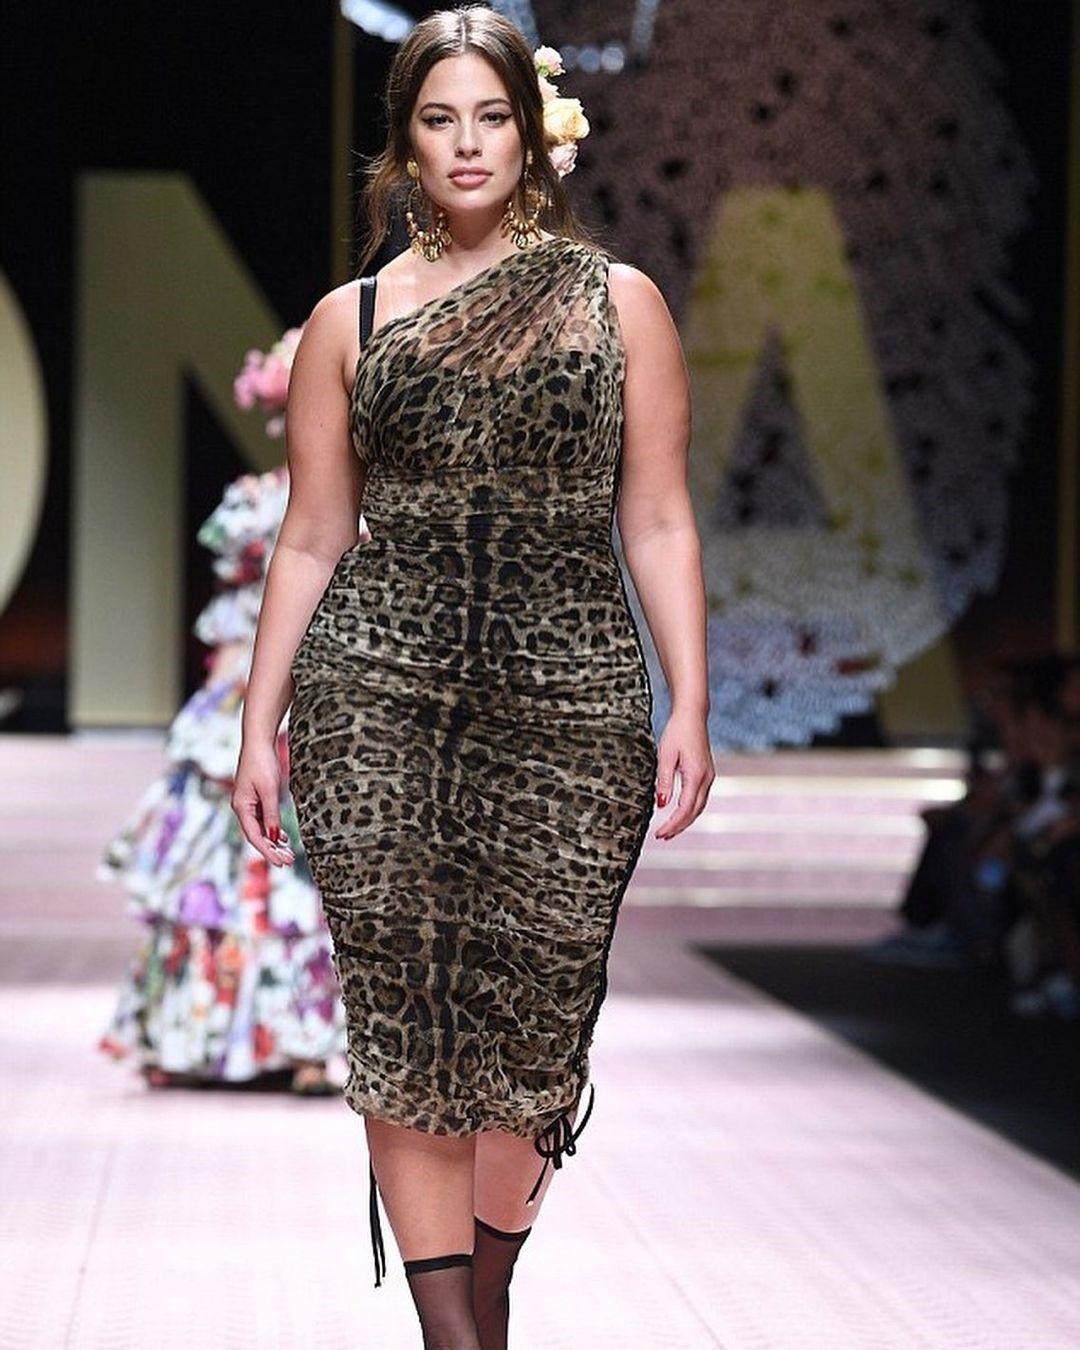 Plus-size модель Эшли Грэм призналась, что хочет второго ребёнка: «Я бы забеременела ещё вчера, если бы смогла»